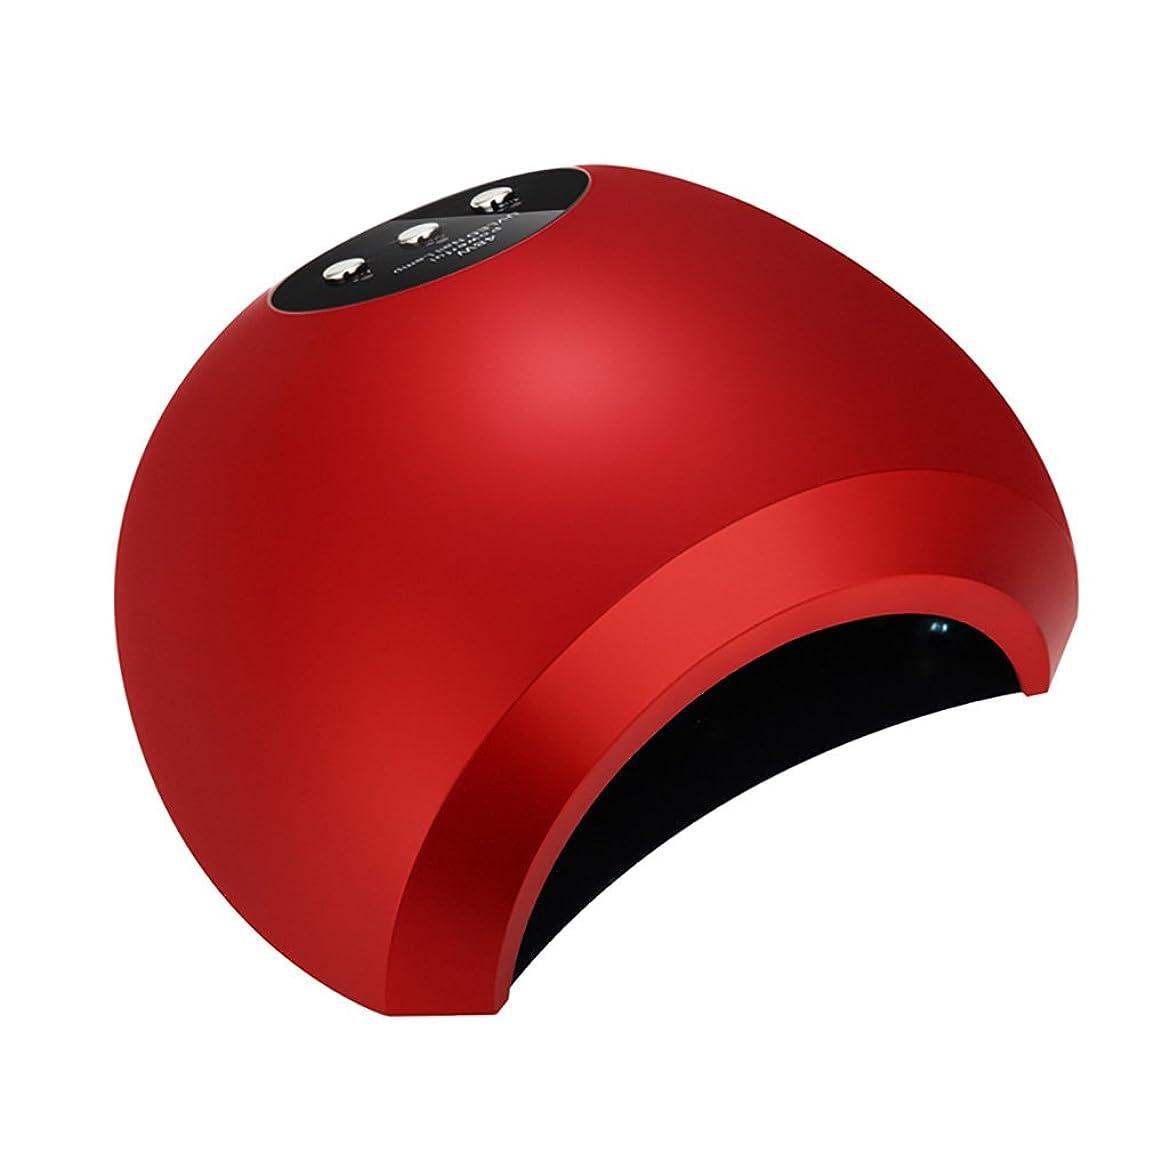 菊水分裸ネイル光線療法機 ネイルライト - ネイルドライヤー48WフォトセラピーマシンネイルポリッシュジェルLEDフォトセラピーライトファーストドライツールはブラックハンドではありません (色 : Red)